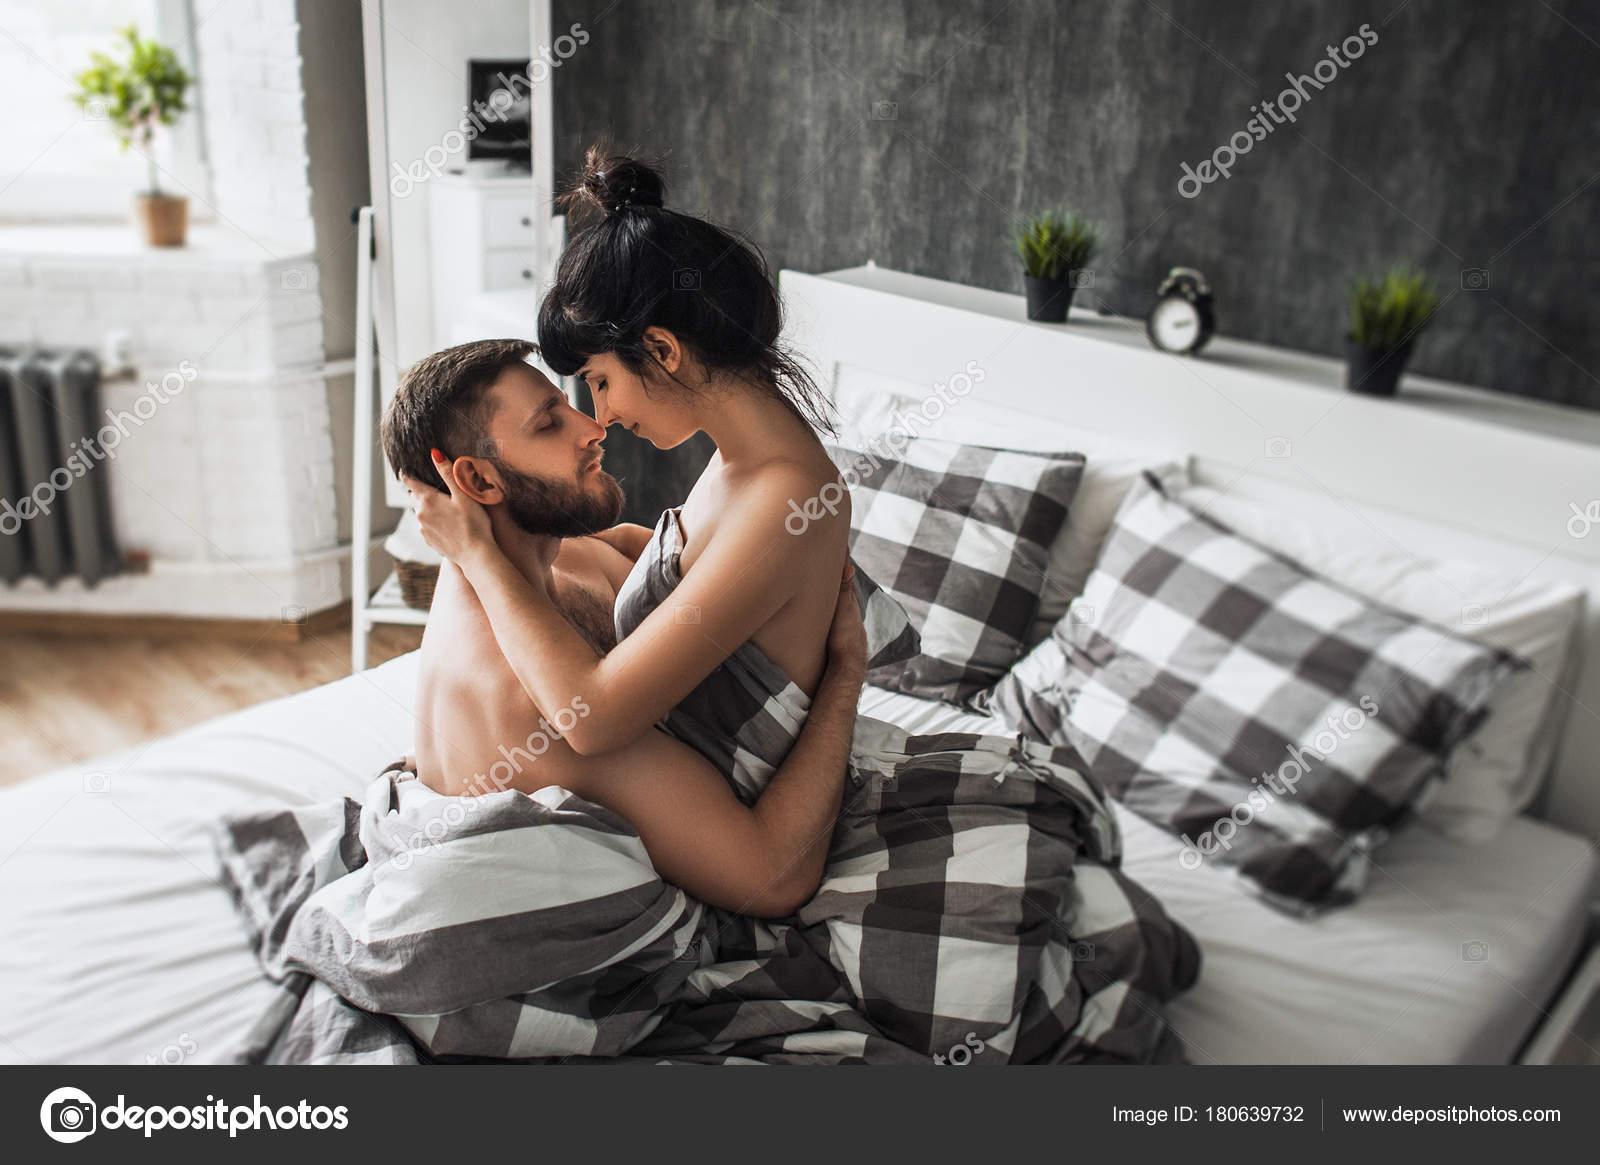 Мужчина с женчиной первая брачная ночь секс